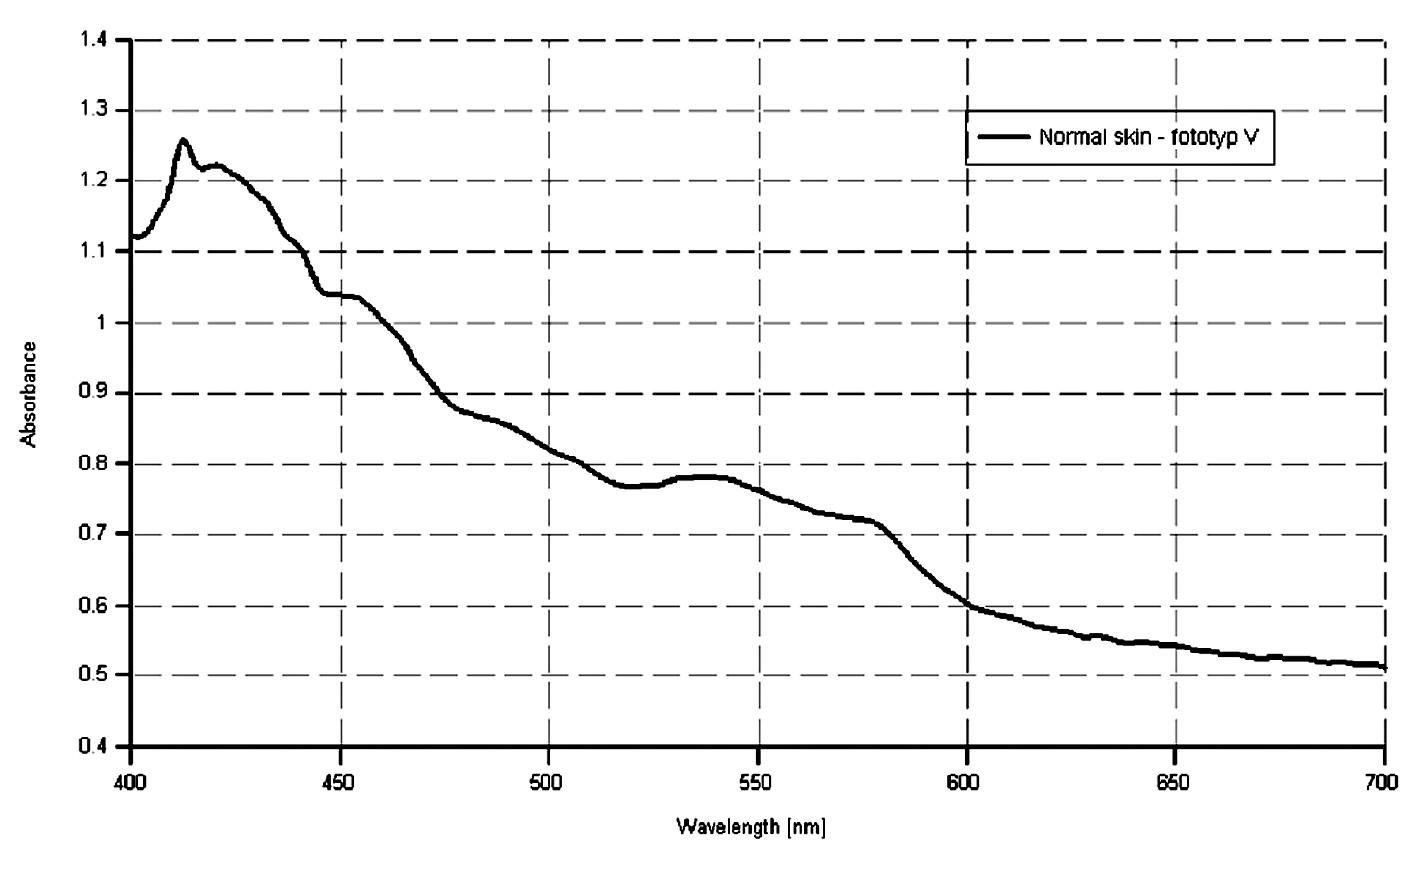 Spektrálna krivka zdravej kože u pacientky s fototypom V.